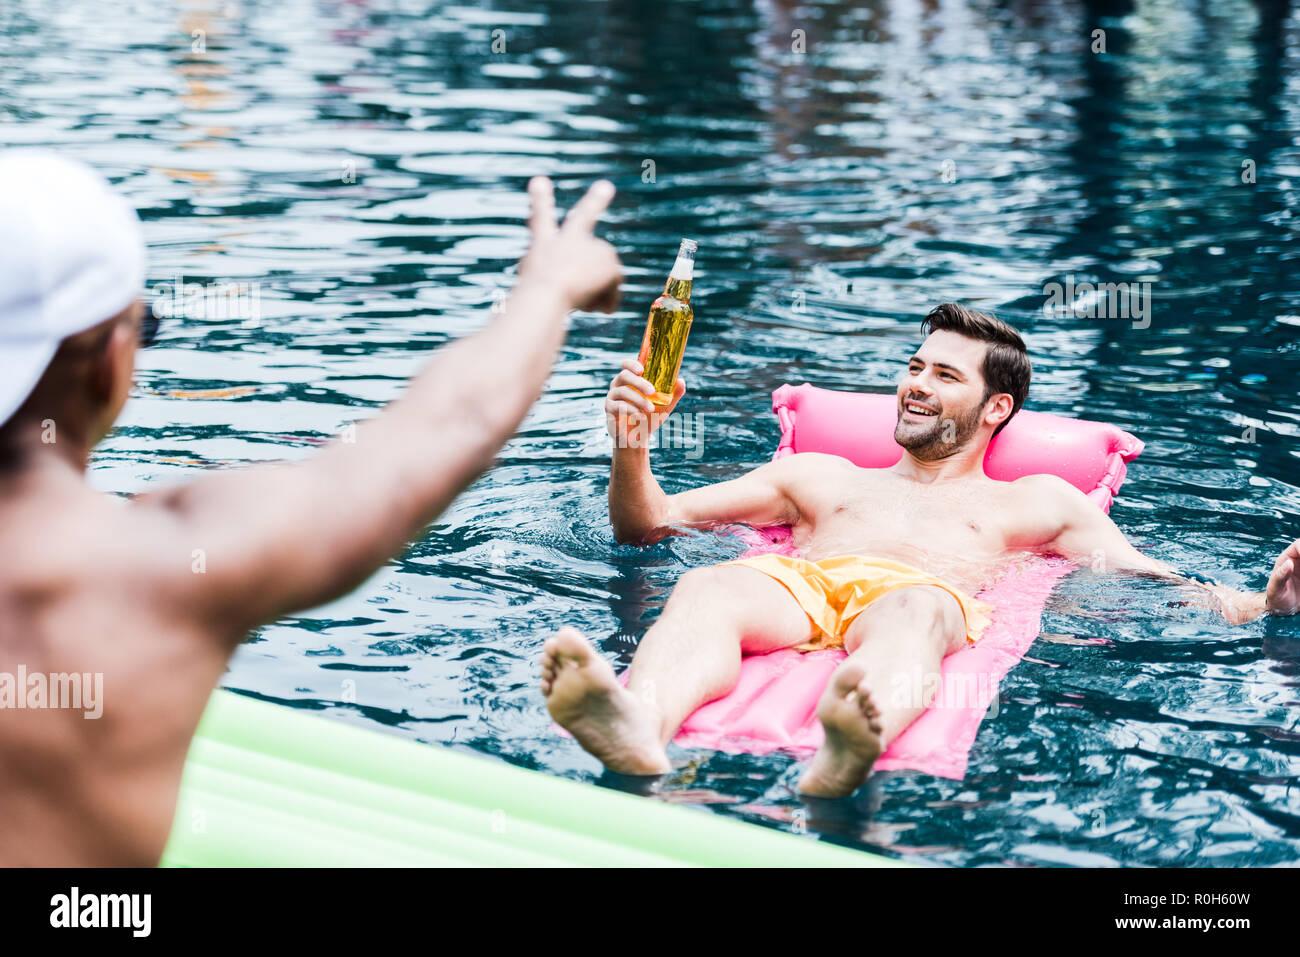 Uomo sorridente con la birra in appoggio sul materasso gonfiabile in piscina mentre il suo amico gesti con le dita sul bordo della piscina Immagini Stock